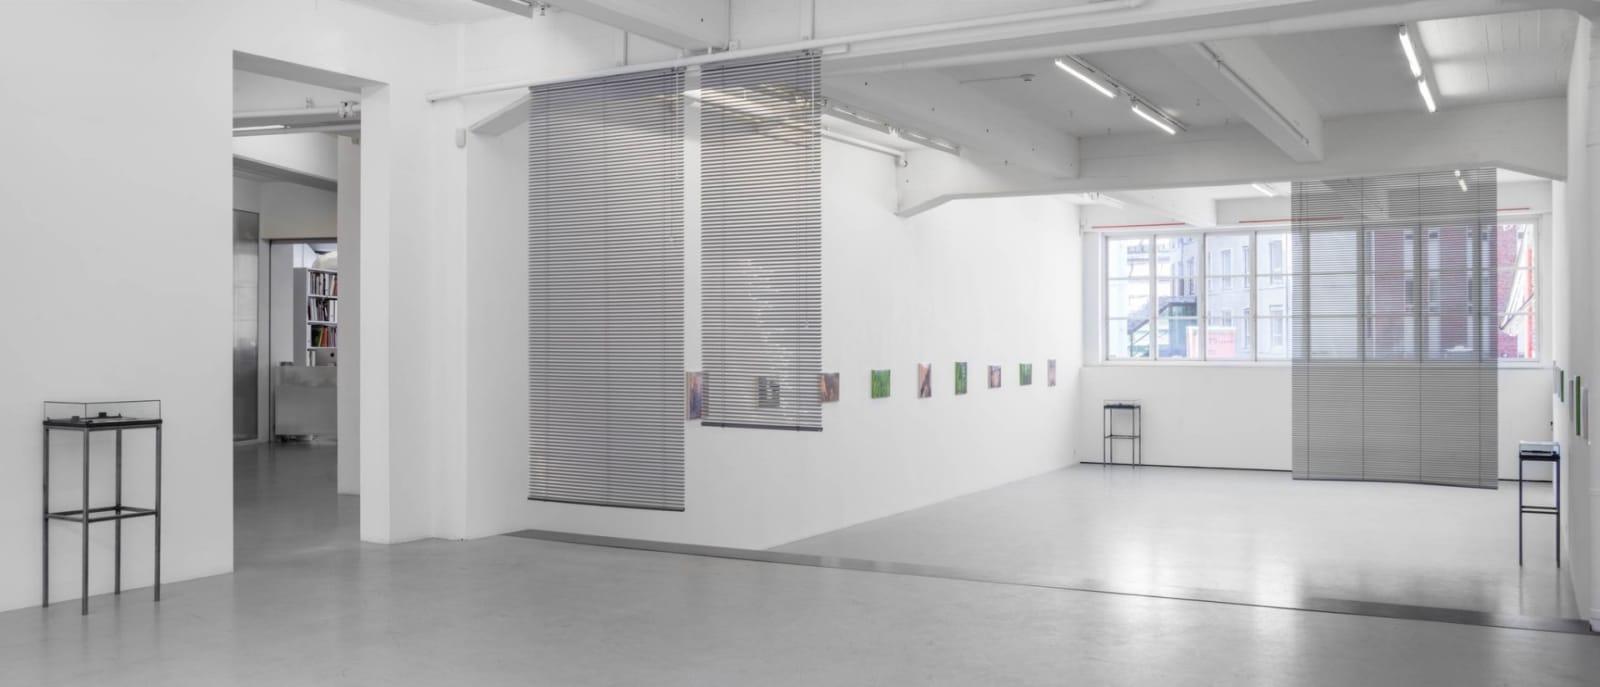 Annika von Hausswolff Installation view, Andréhn-Schiptjenko, Stockholm, Sweden, 2015